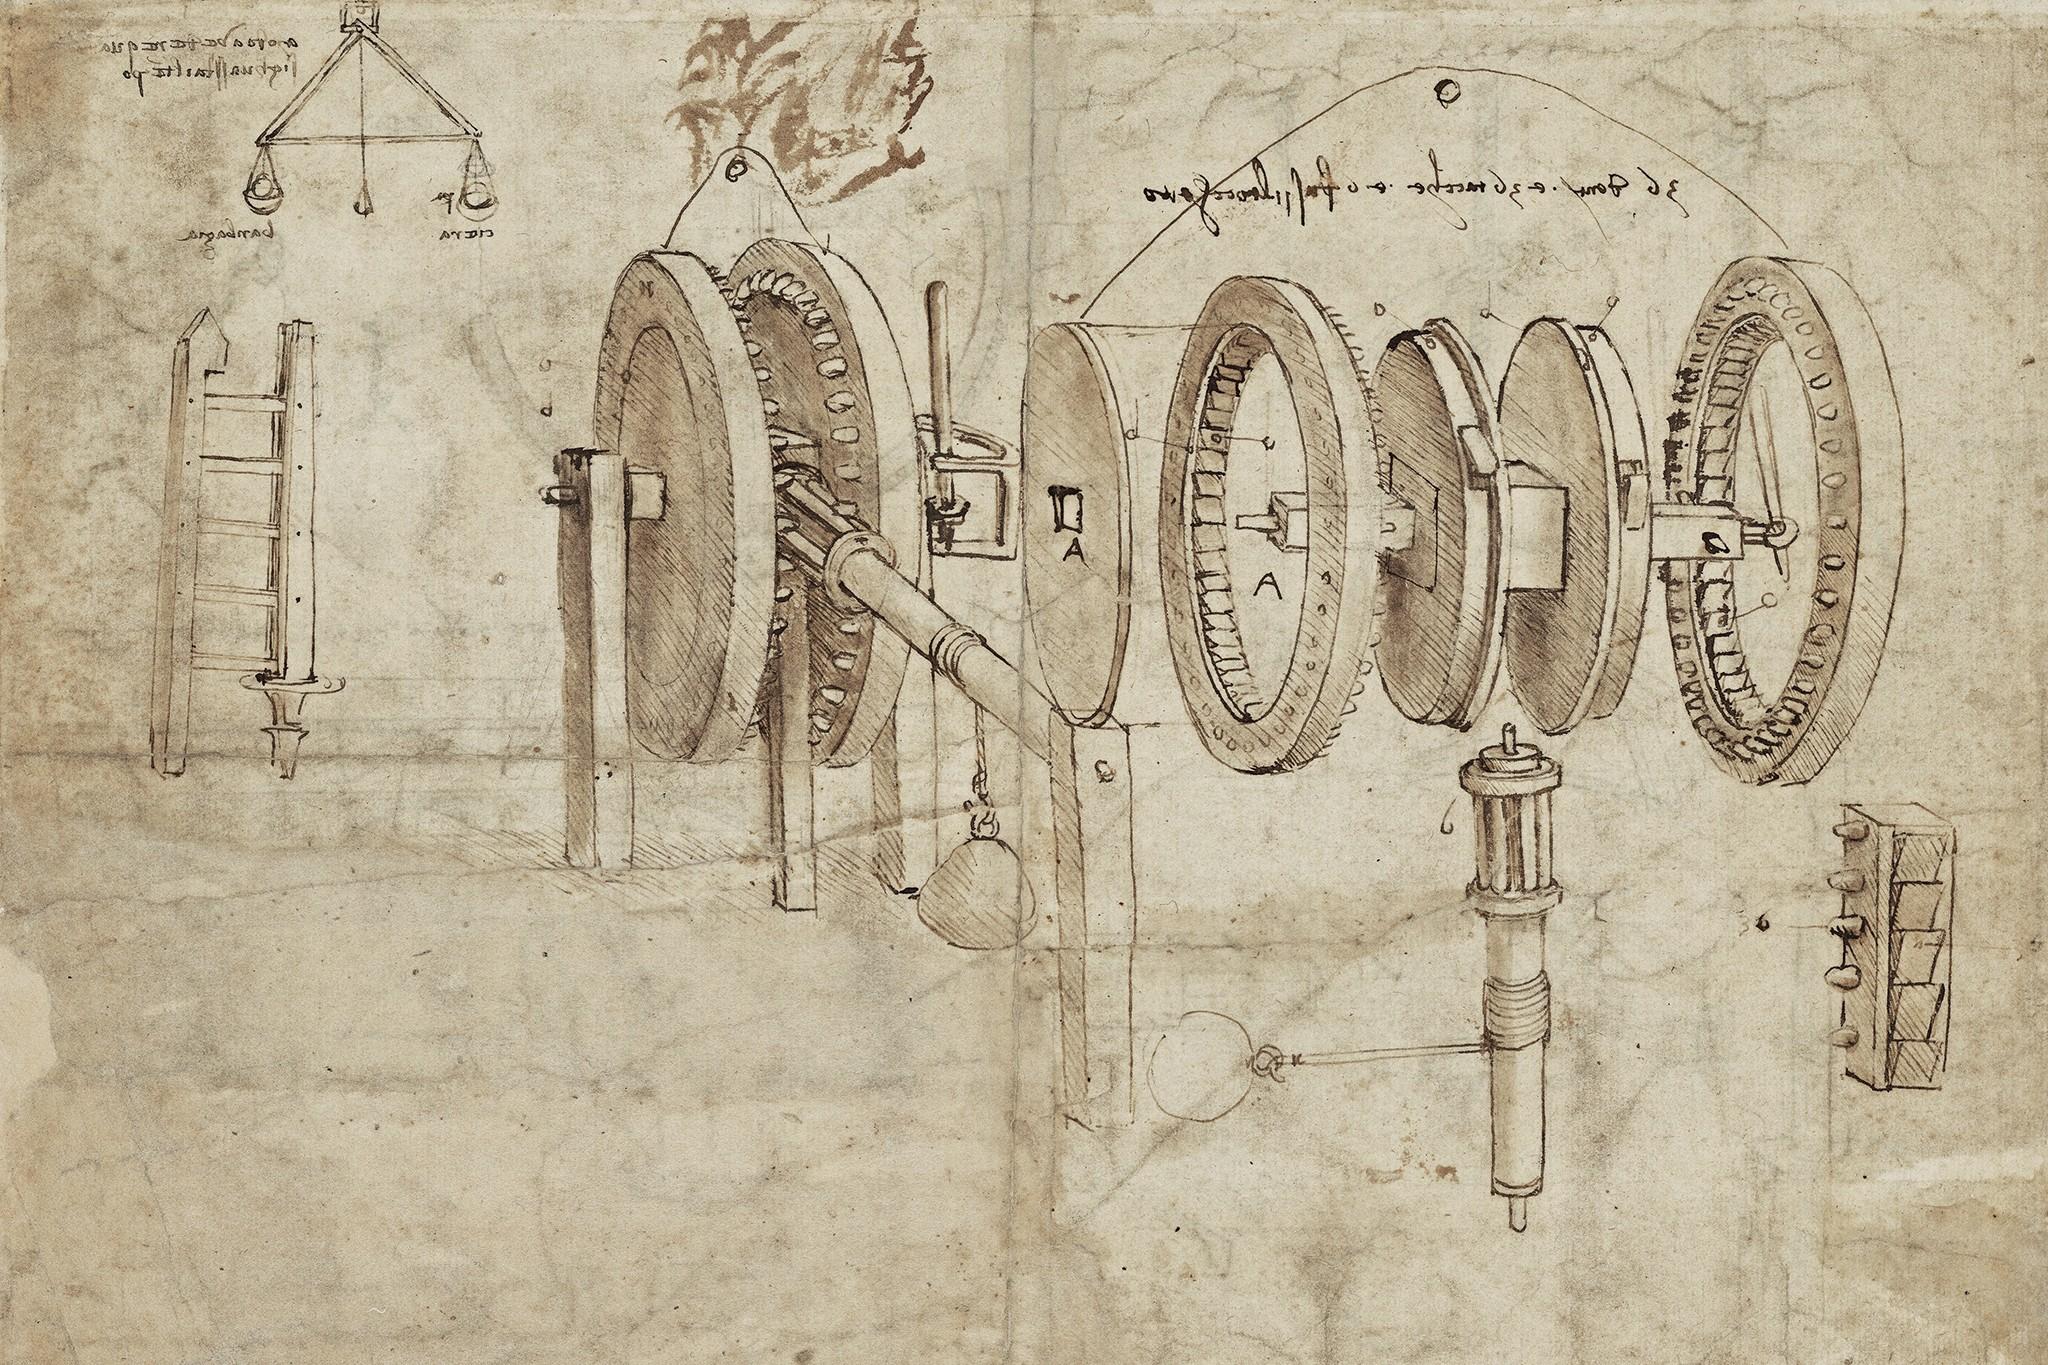 Un-Détail-une-Expo-Léonard-de-Vinci-Machine-Hydraulique-ParisBazaar-Ghis.jpg